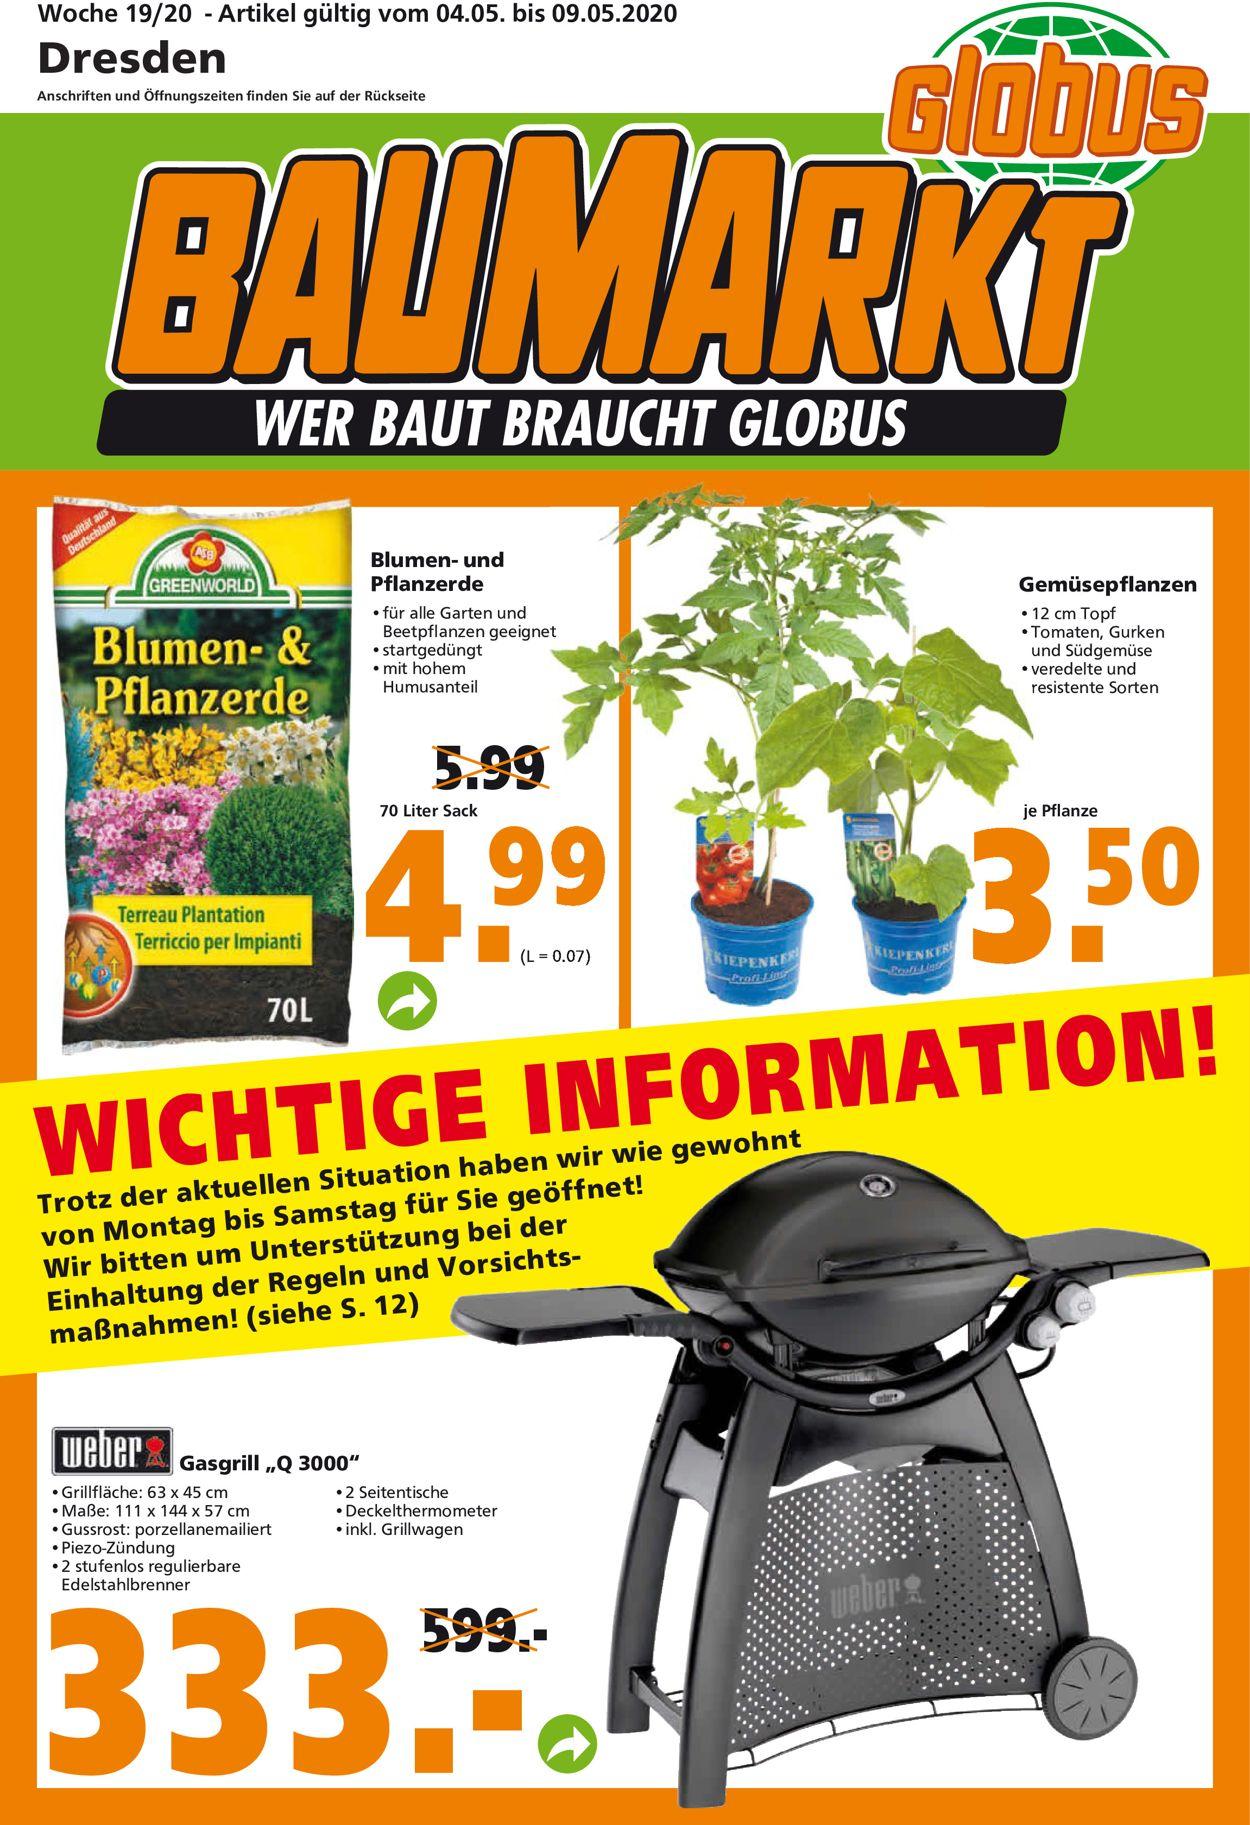 Globus Baumarkt Prospekt - Aktuell vom 04.05-09.05.2020